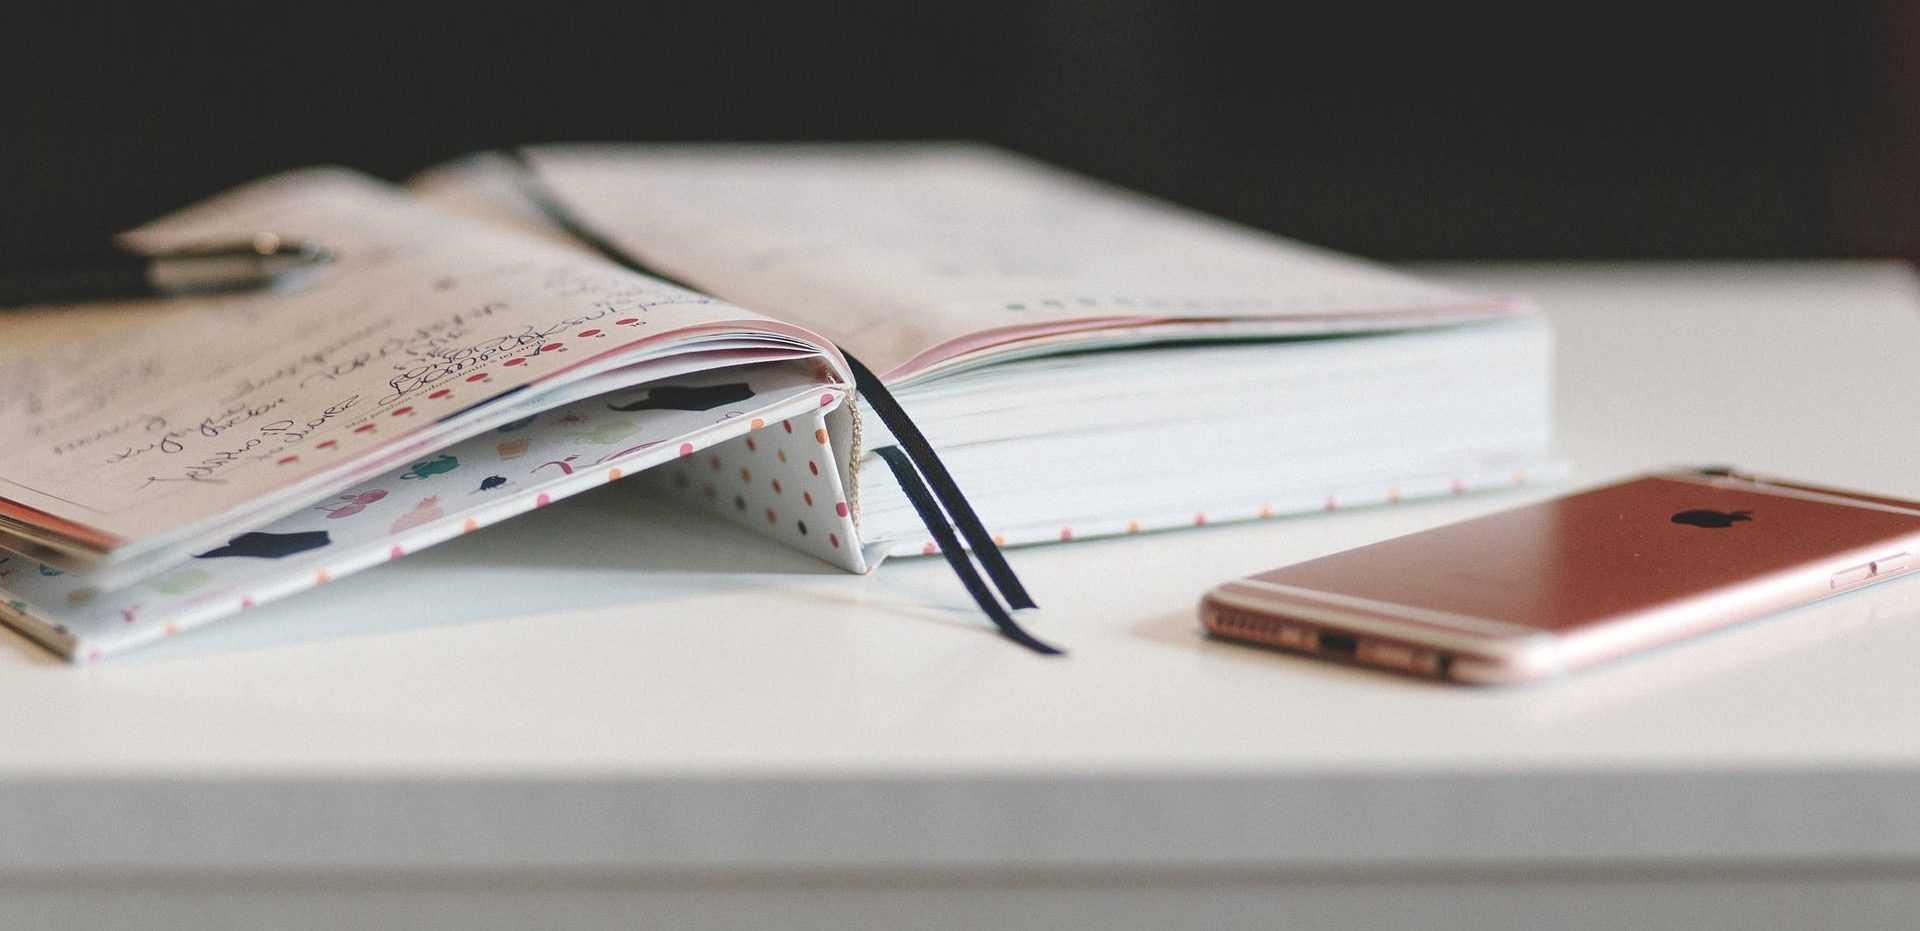 мобильный и бумажный дневники